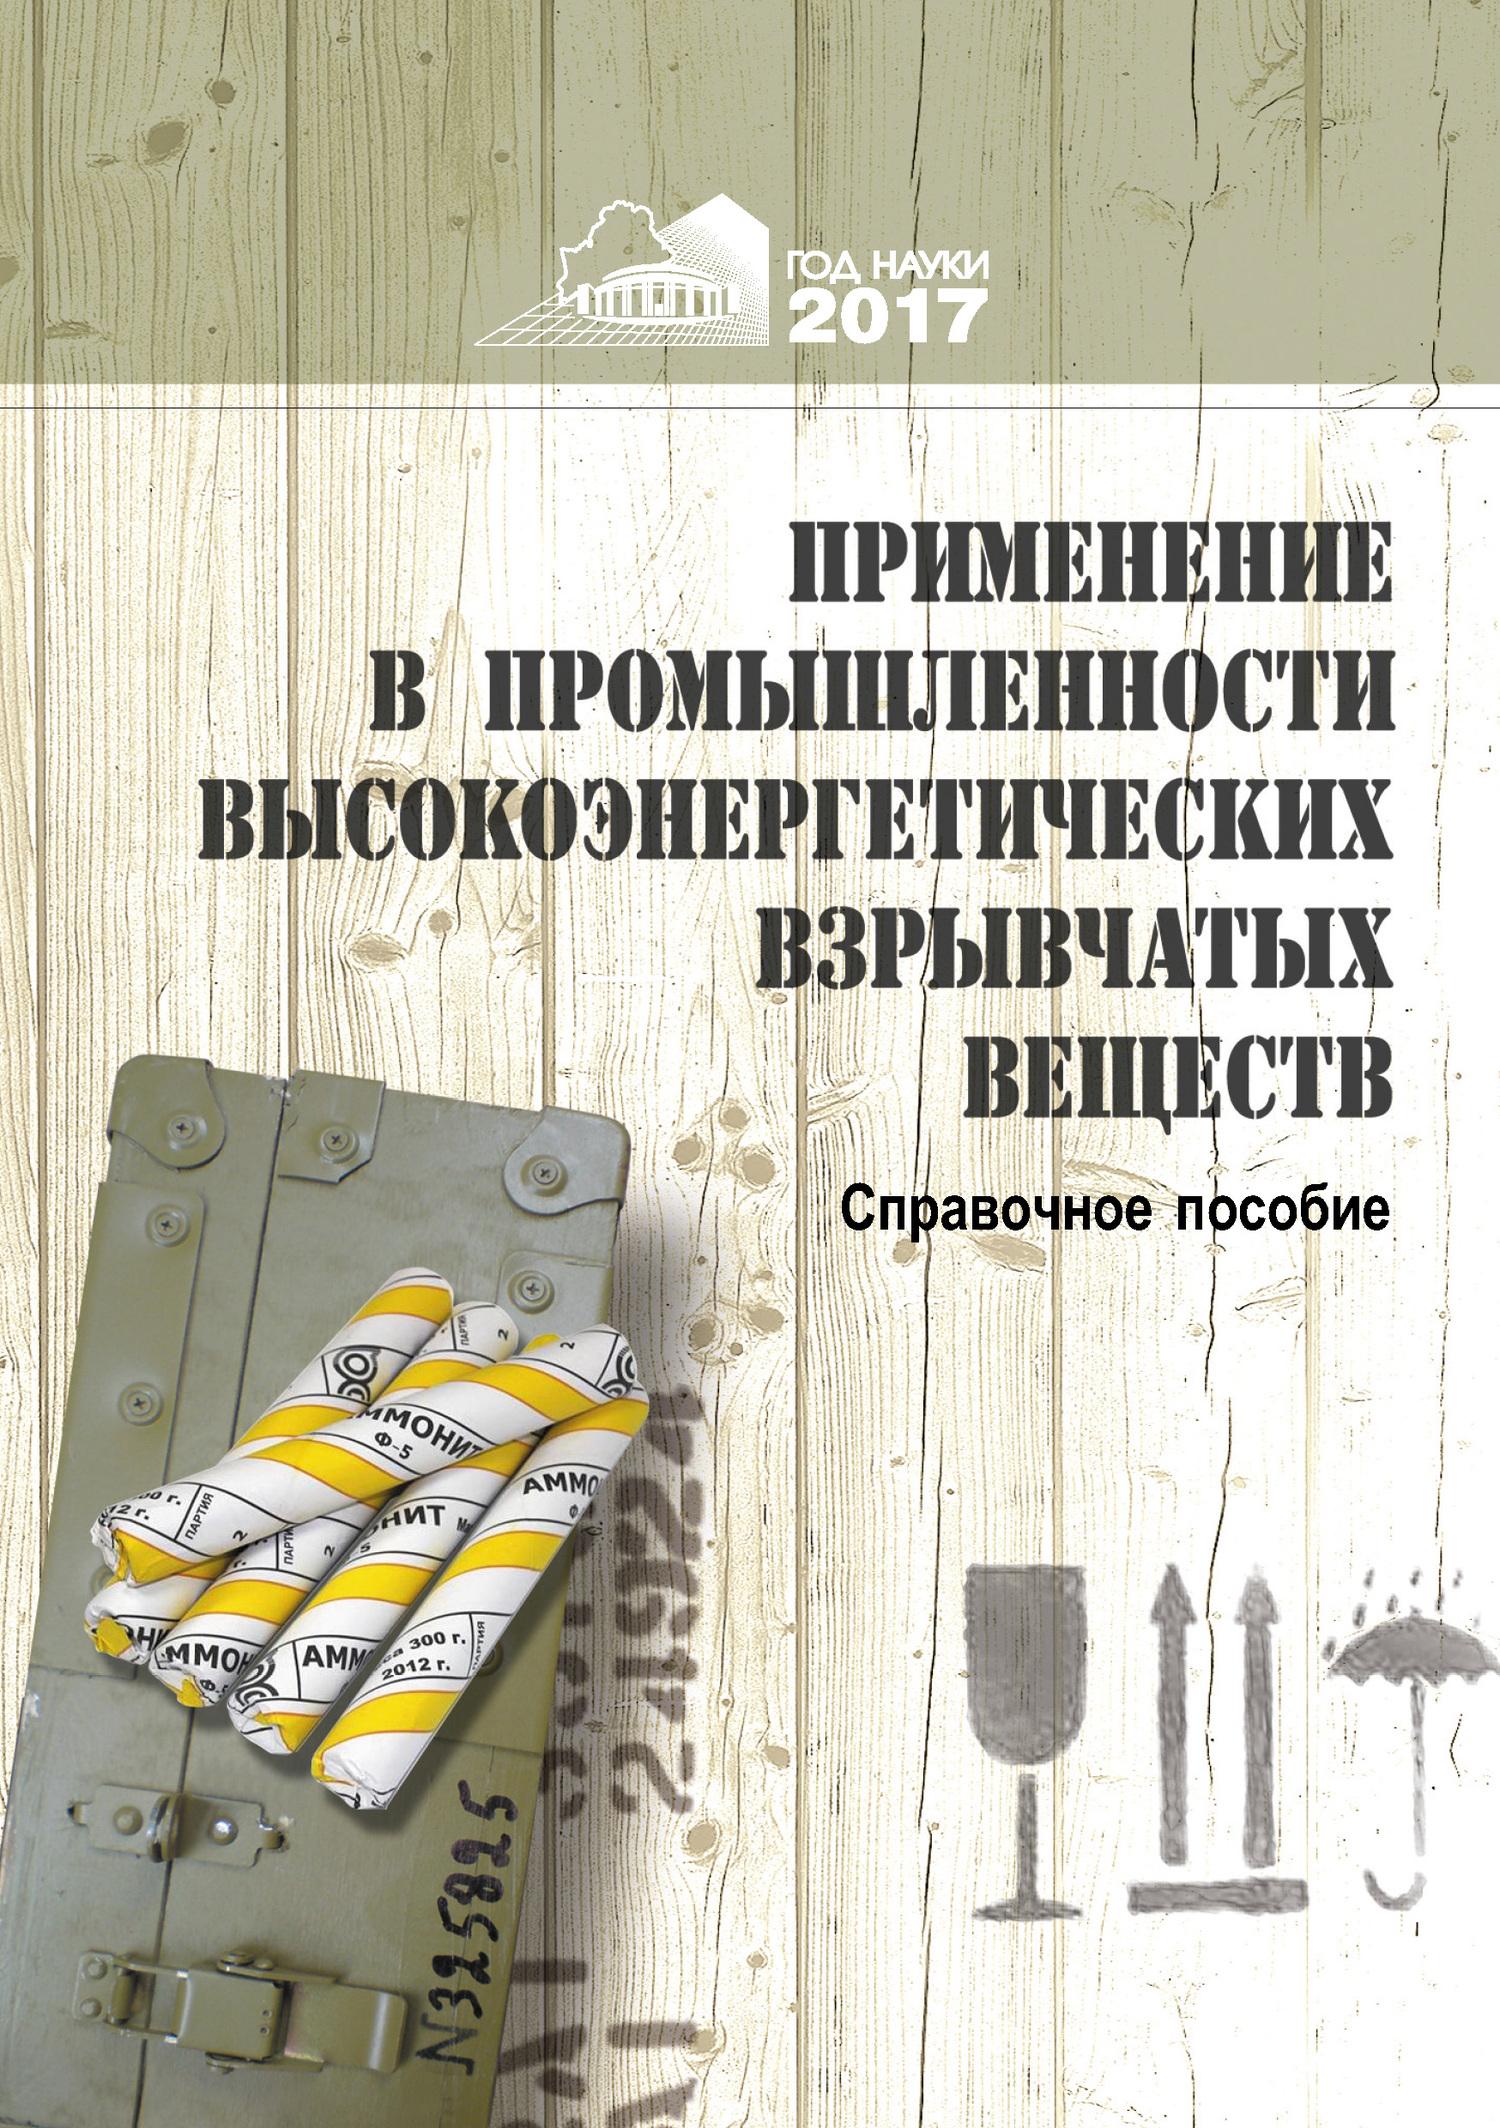 А. Ф. Ильющенко Применение в промышленности высокоэнергетических взрывчатых материалов